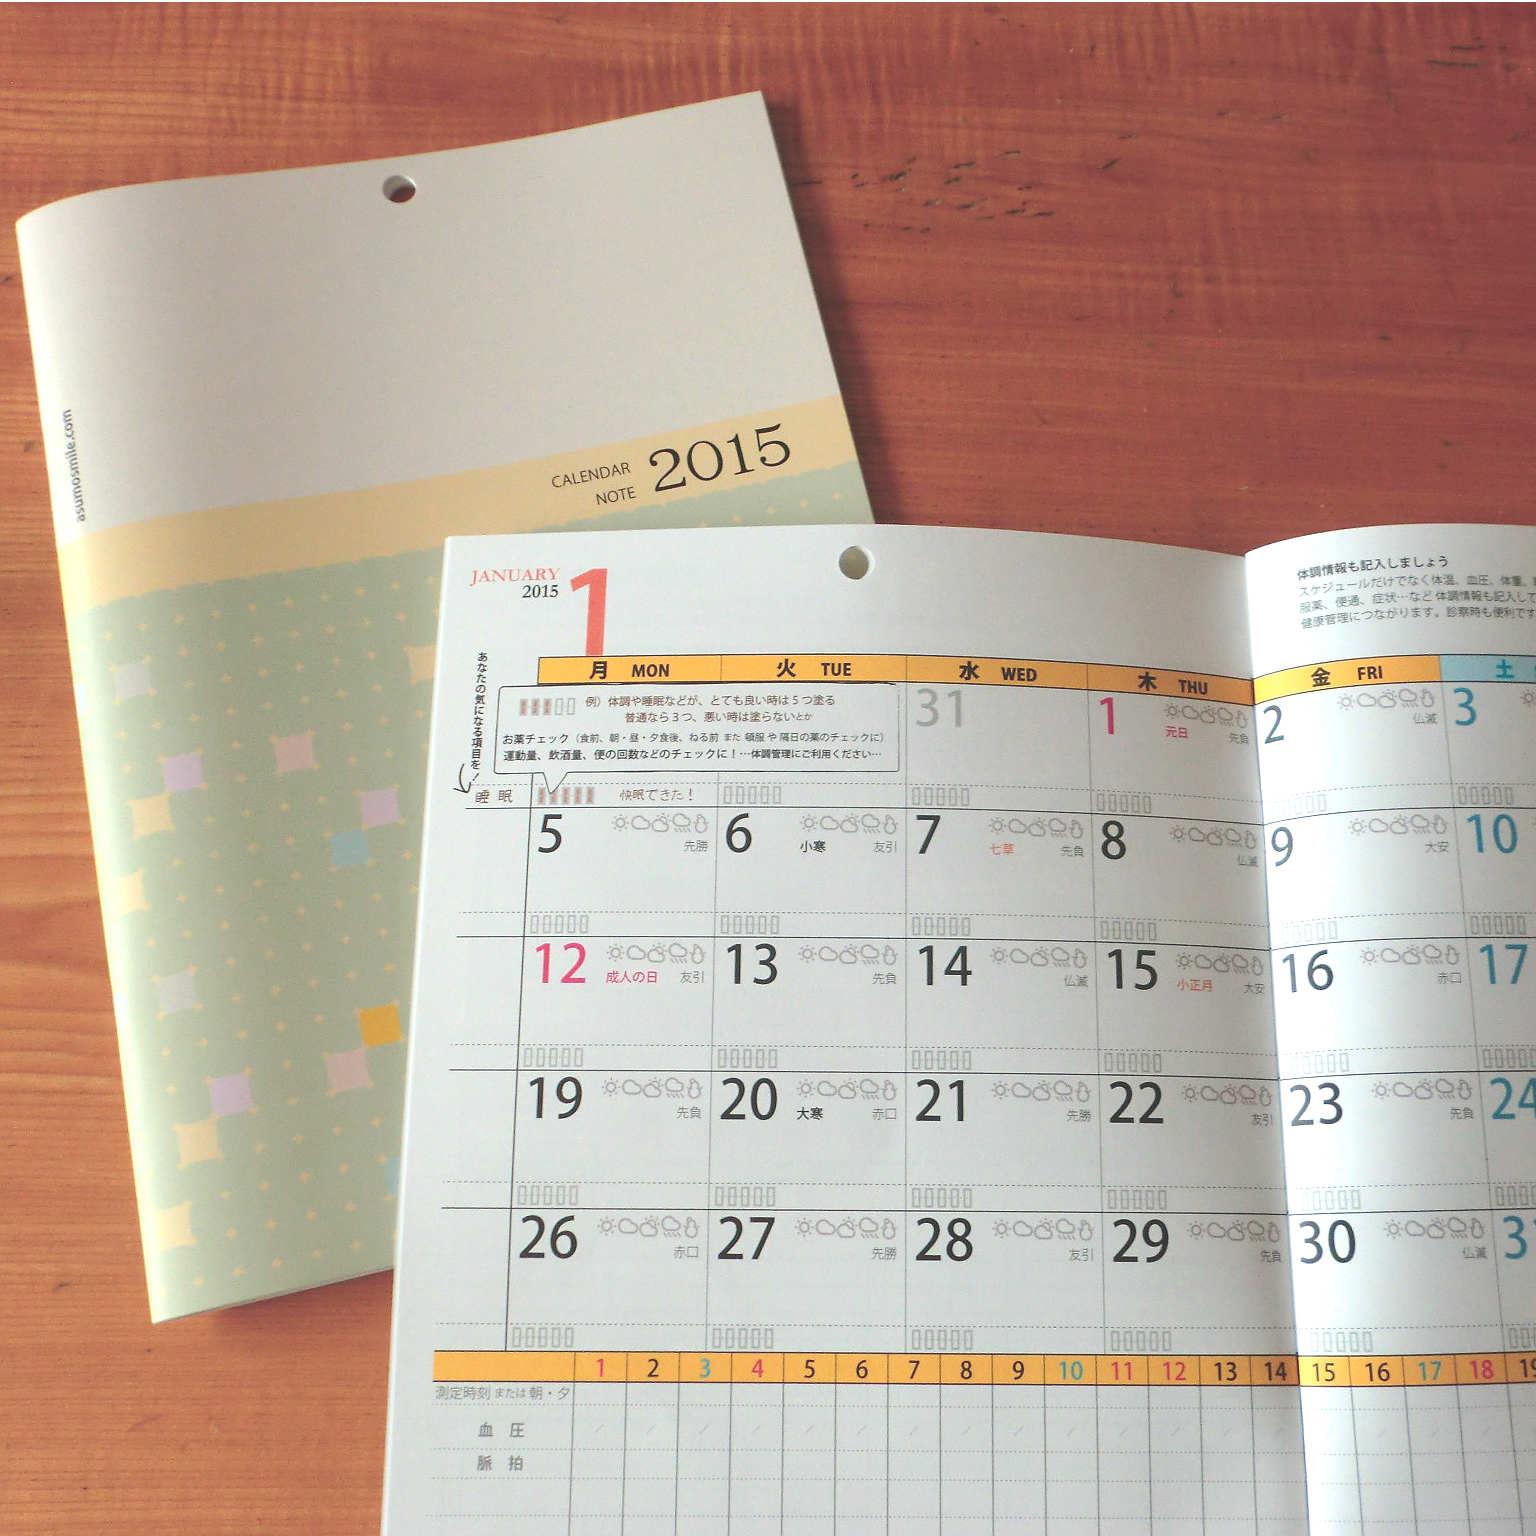 カレンダーノート2015いよいよ出荷開始しました!